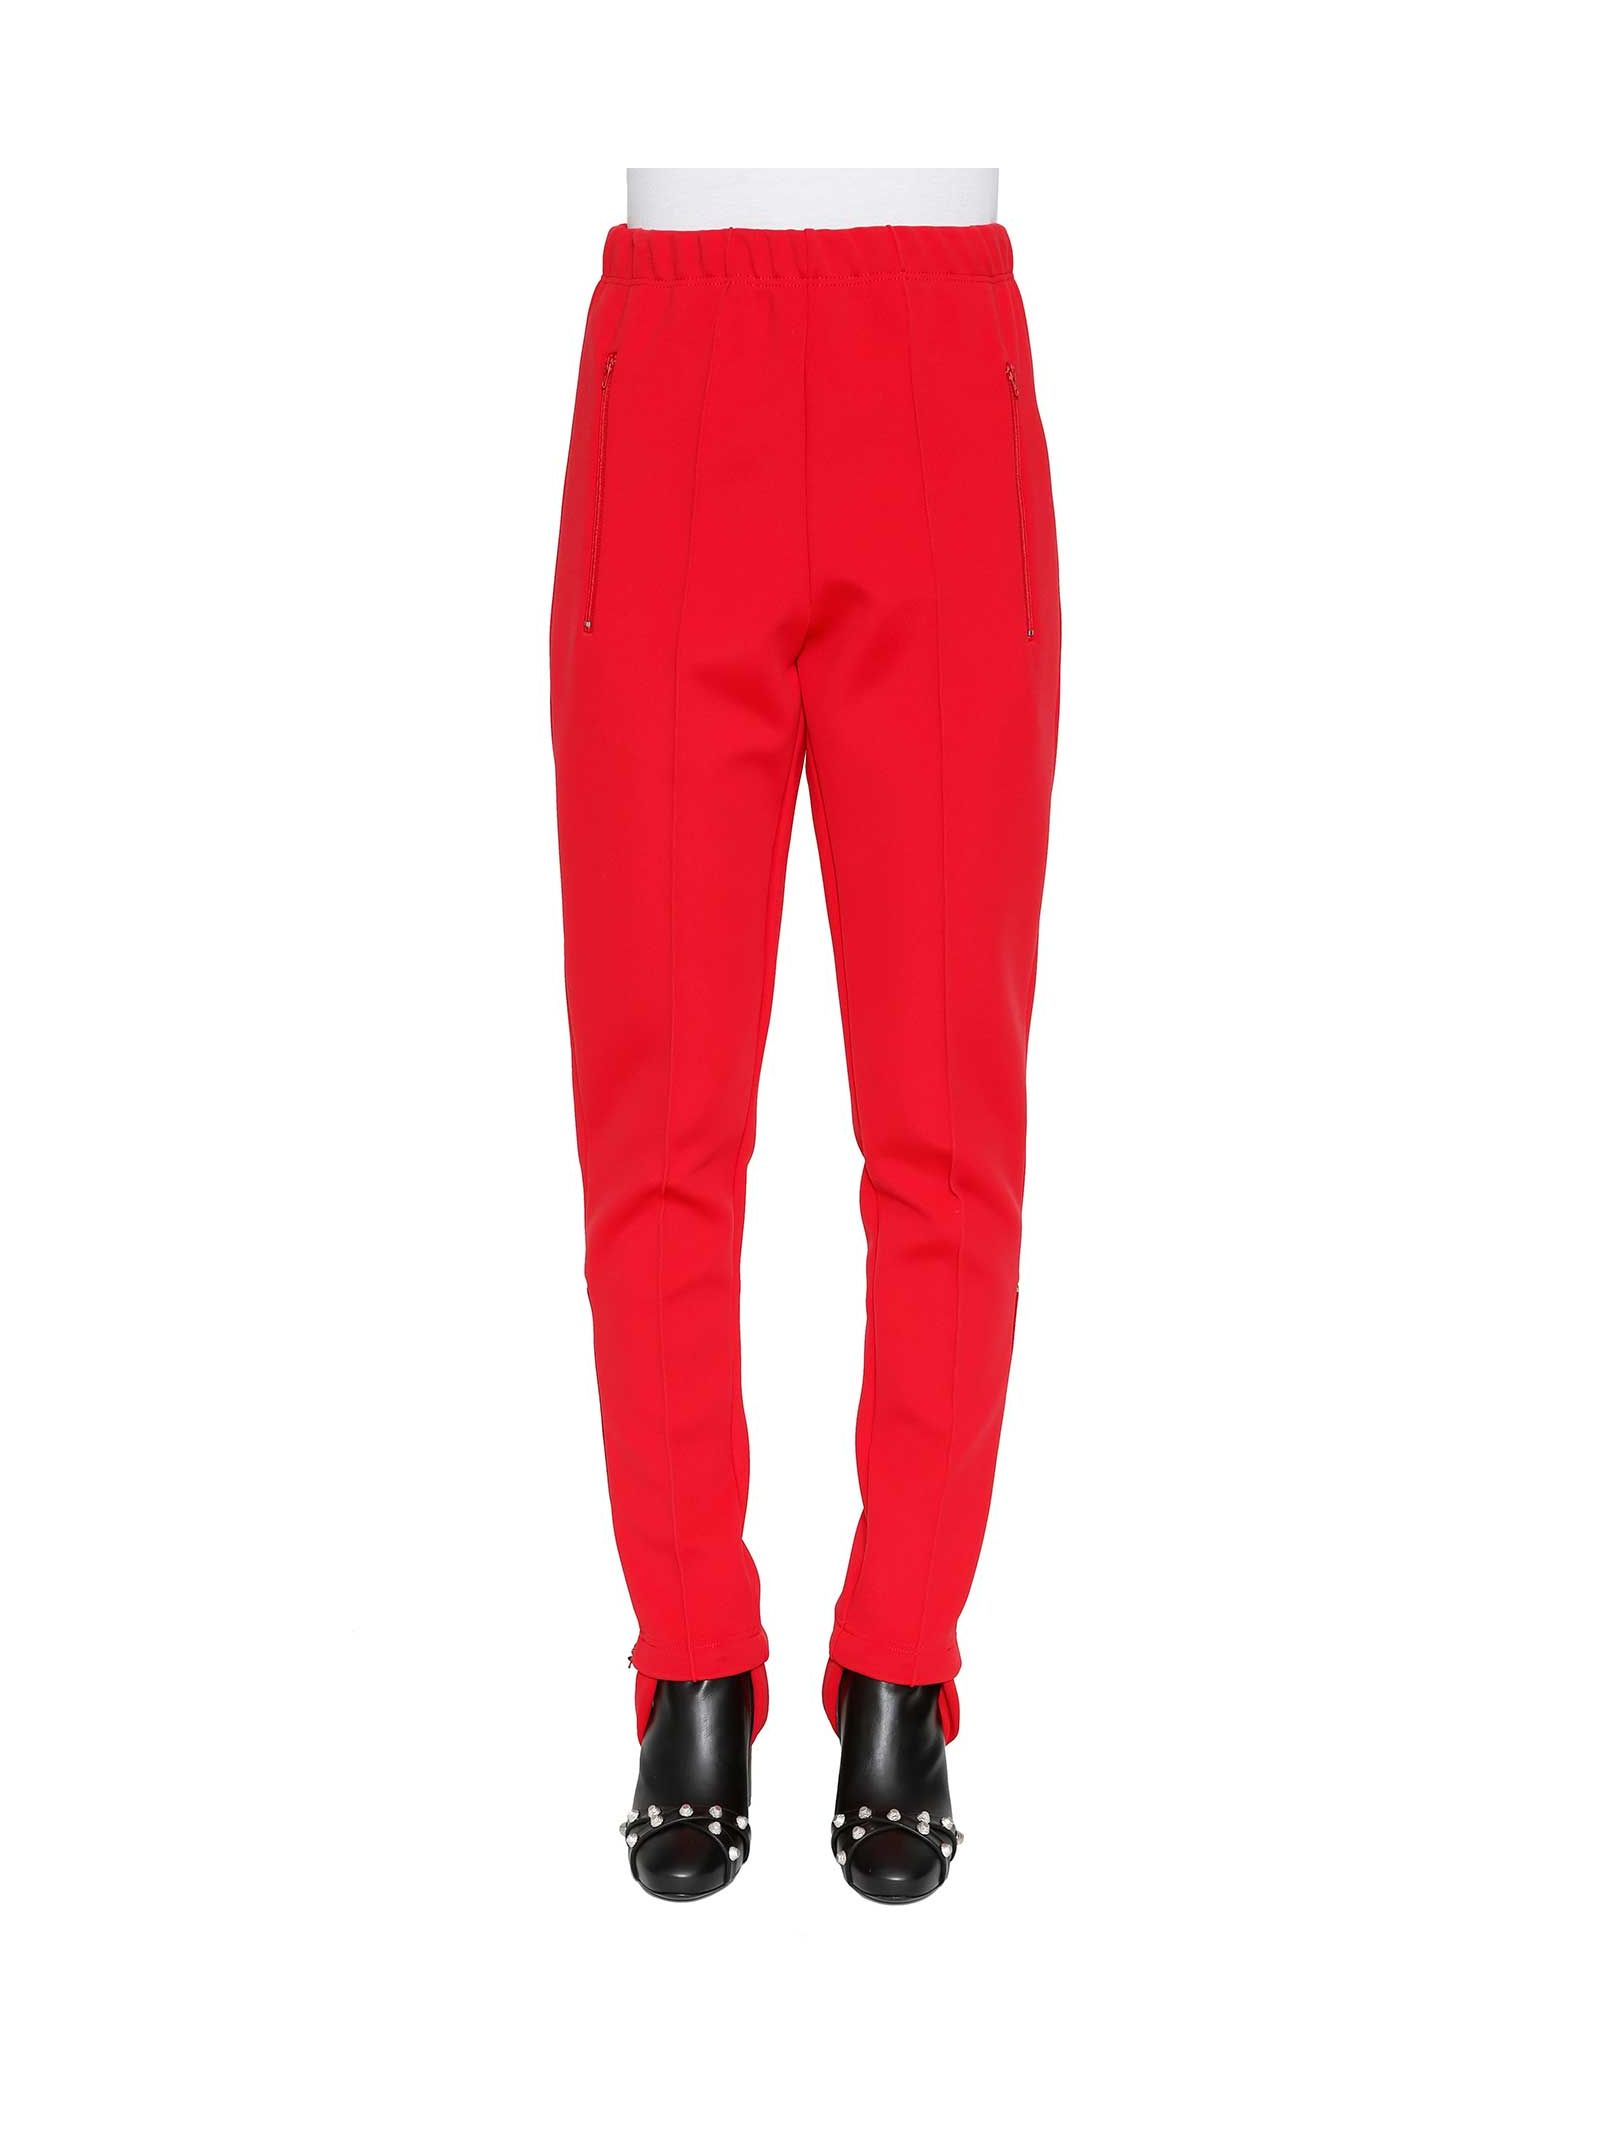 Balenciaga Stirrup Pants - Balenciaga - Joy